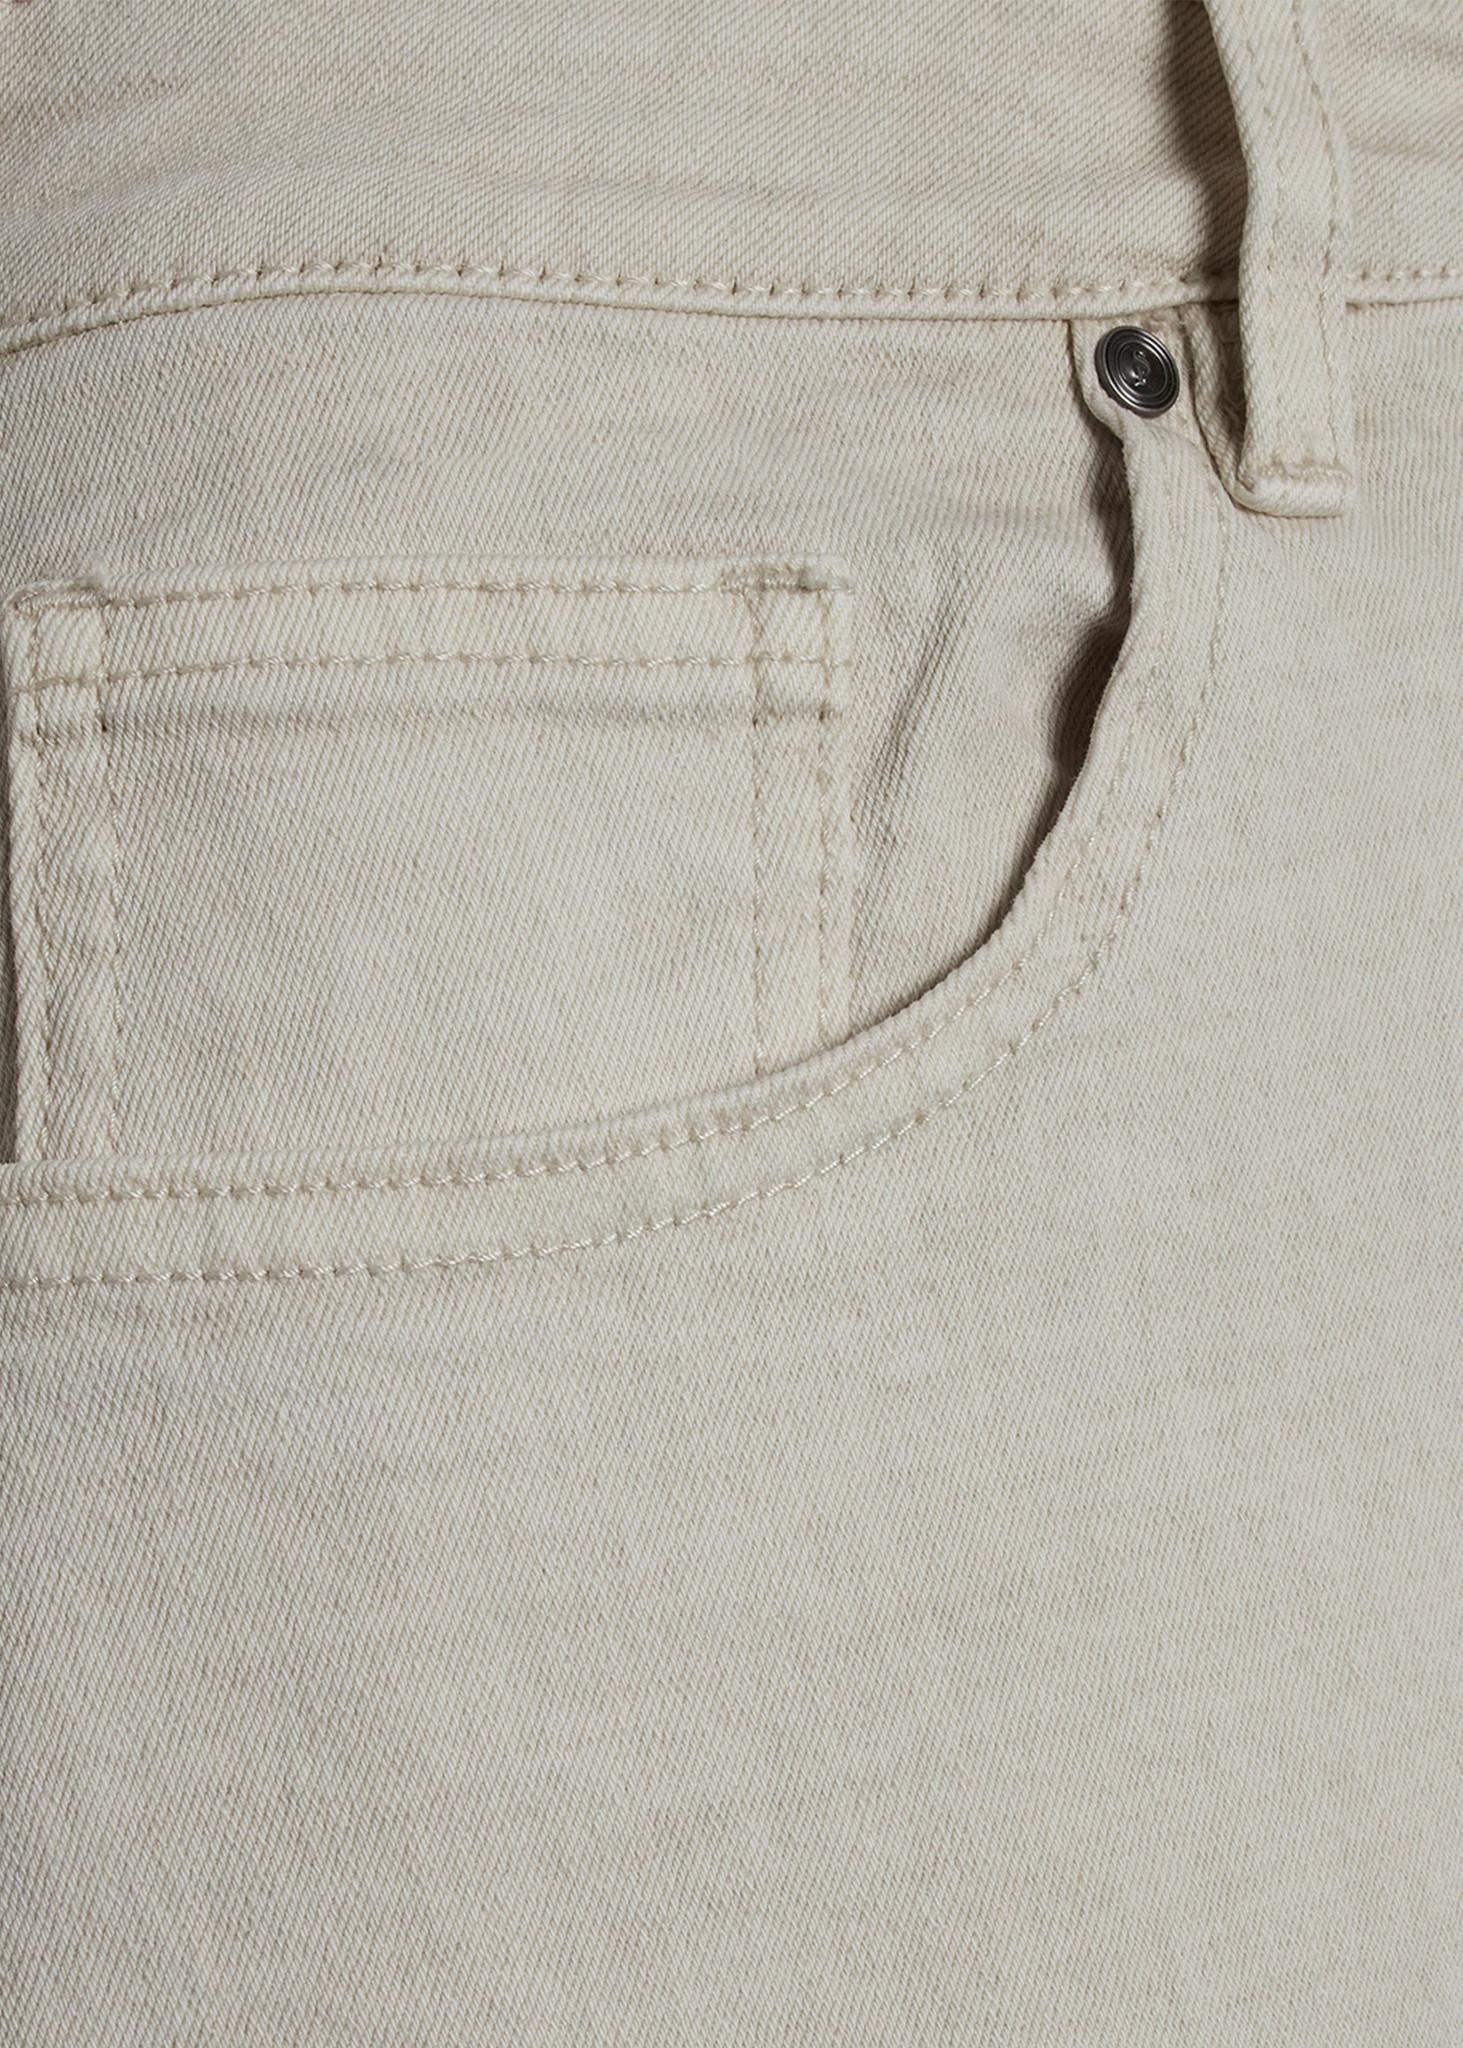 Ossy Short Vanilla-3